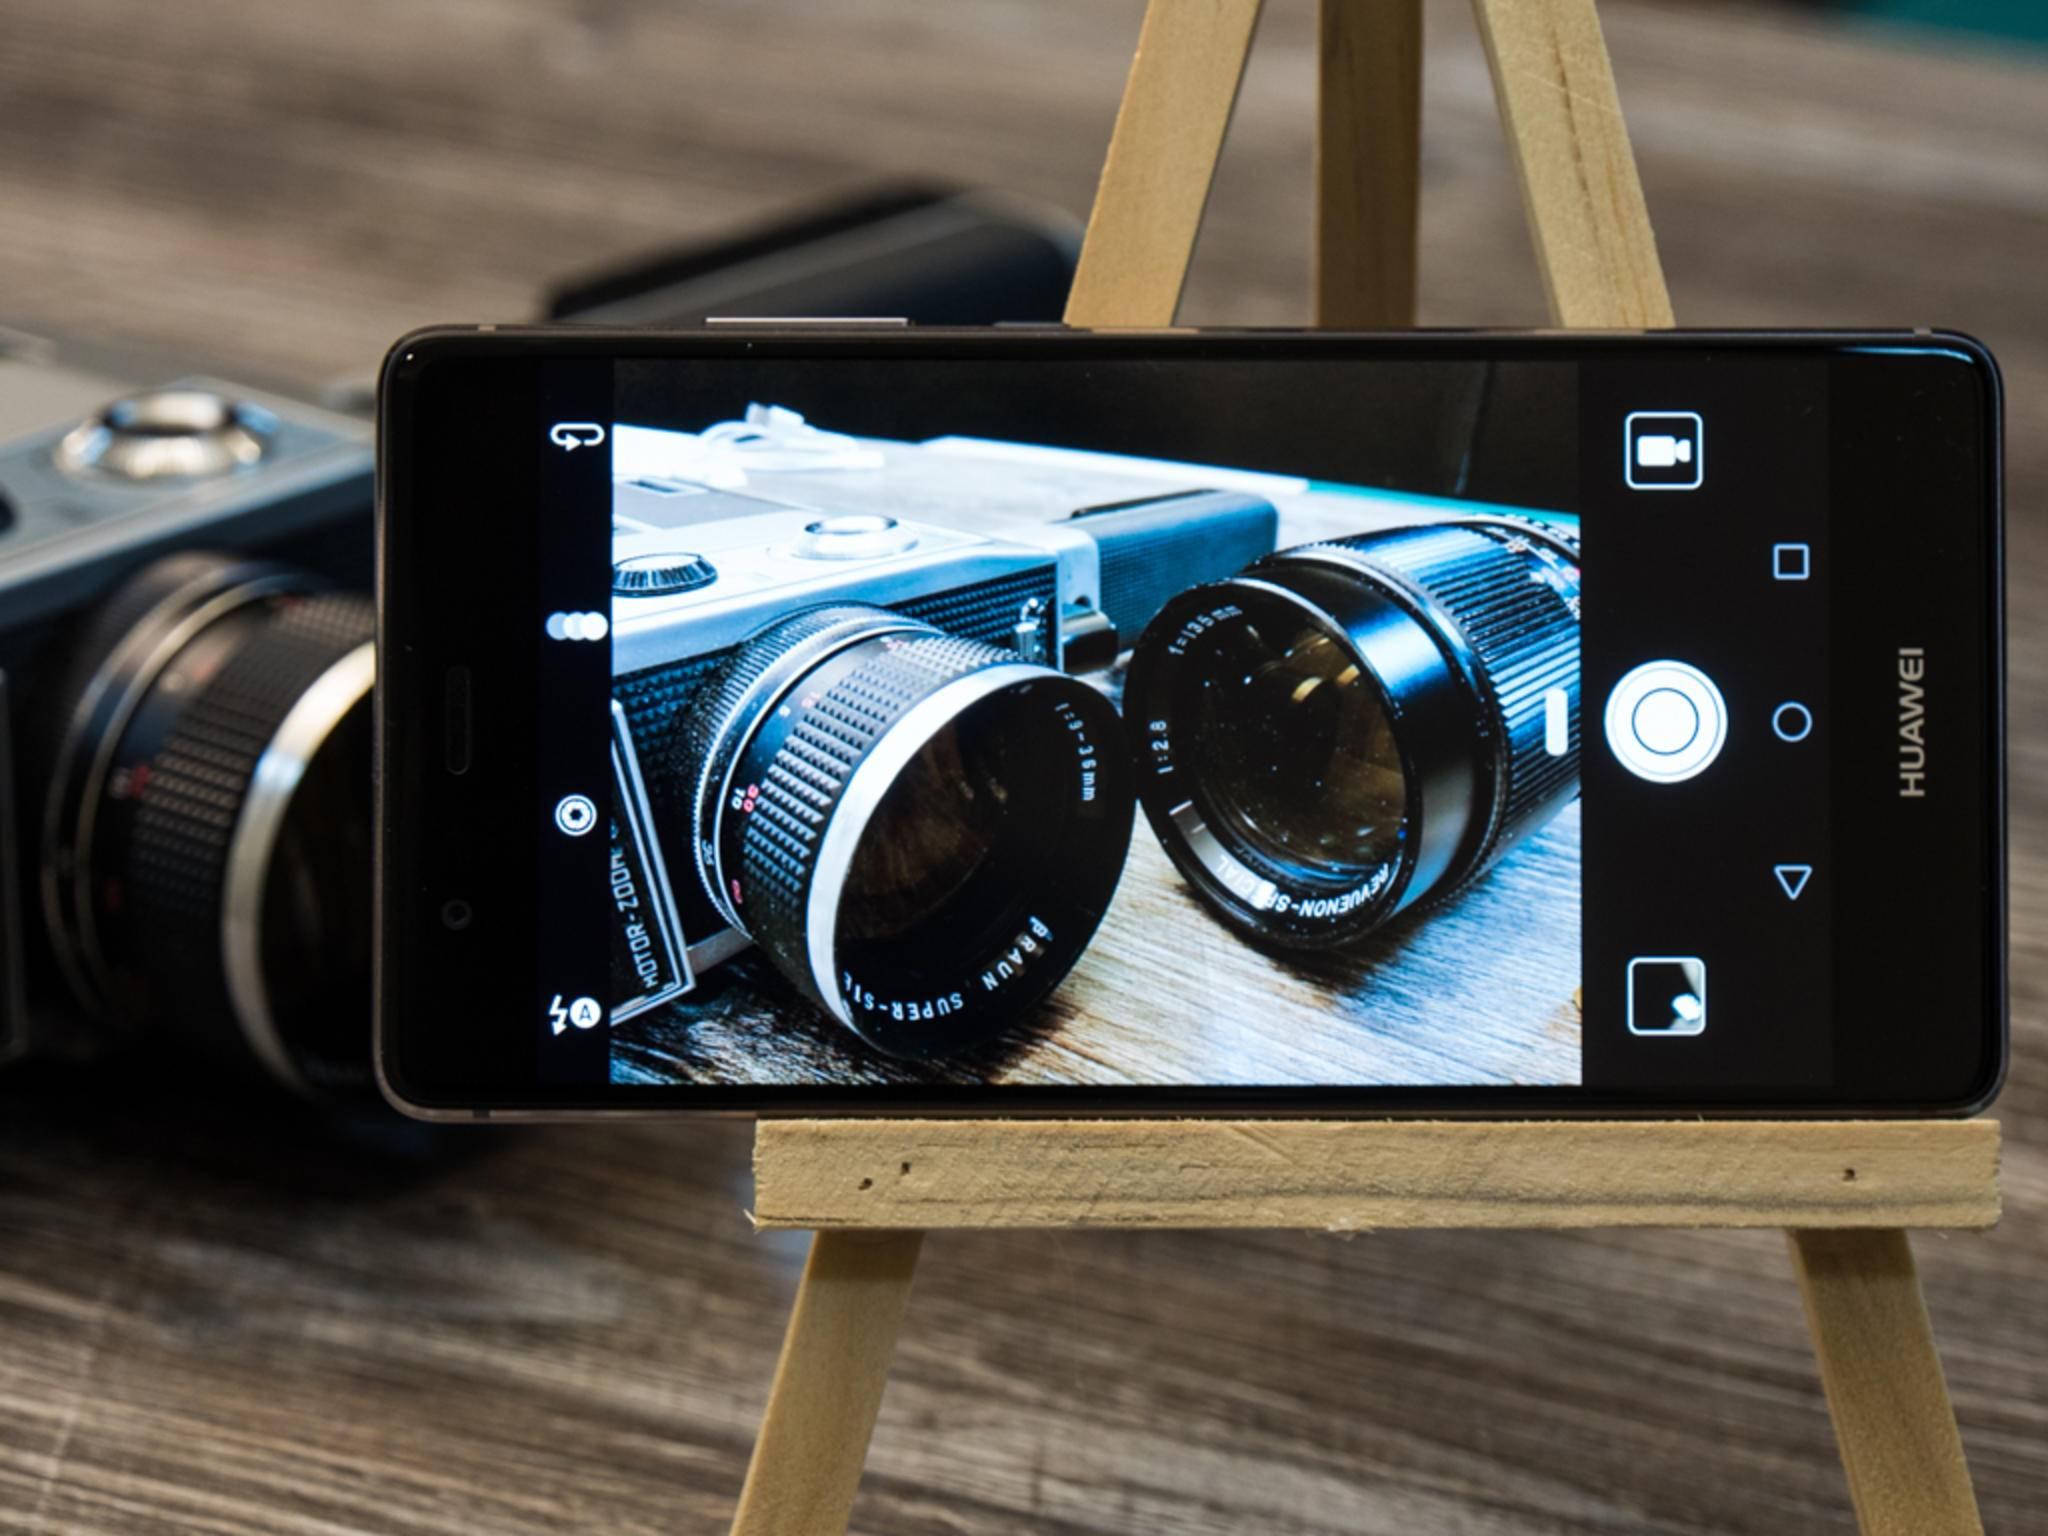 Irreführung oder geschickter Marketing-Zug? Huawei sorgt mit einem angeblichen P9-Foto für Aufsehen.